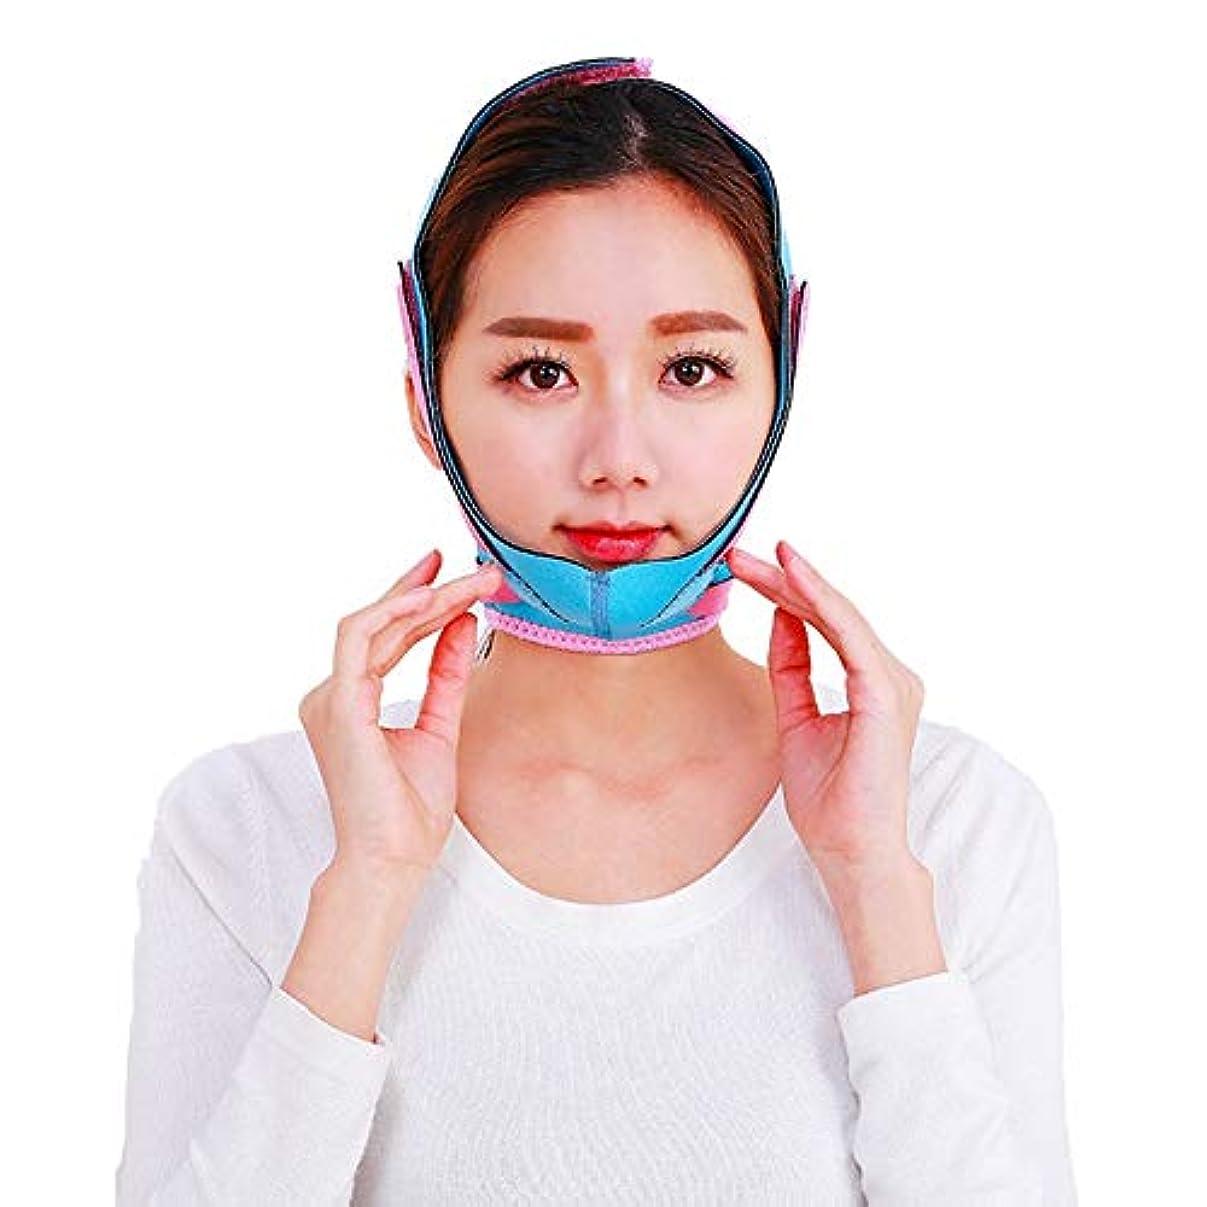 援助する酔ってテザーJia Jia- フェイシャルリフティング痩身ベルトシンフェイス包帯アンチエイジングシワフリーフェイシャルマッサージ整形マスクダブルチンワークアウト 顔面包帯